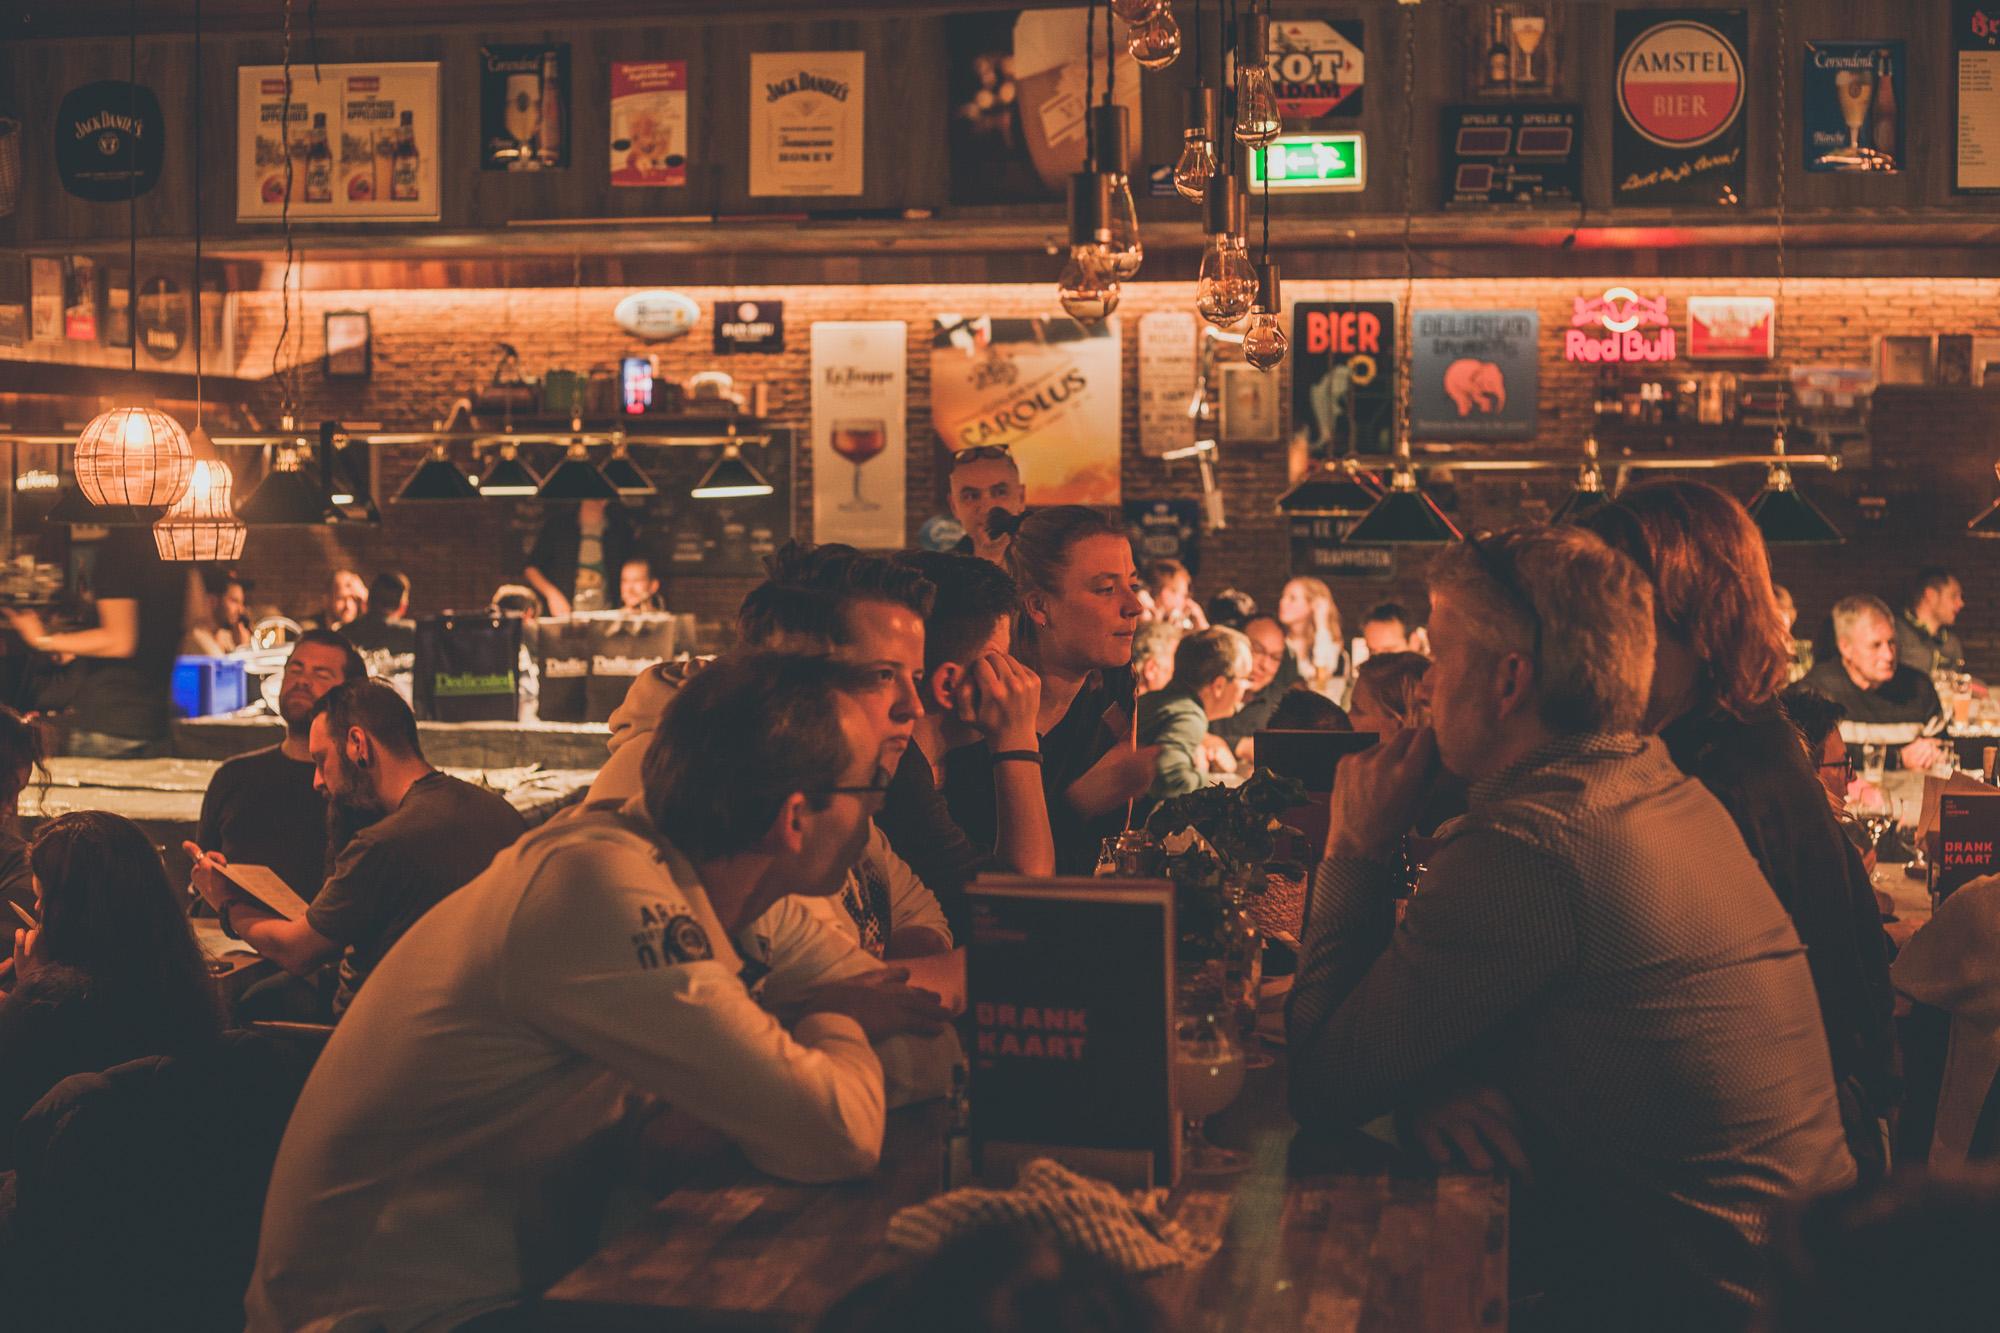 Speciaalbier Cafe Piet Huisman - Pubquiz Nijmegen